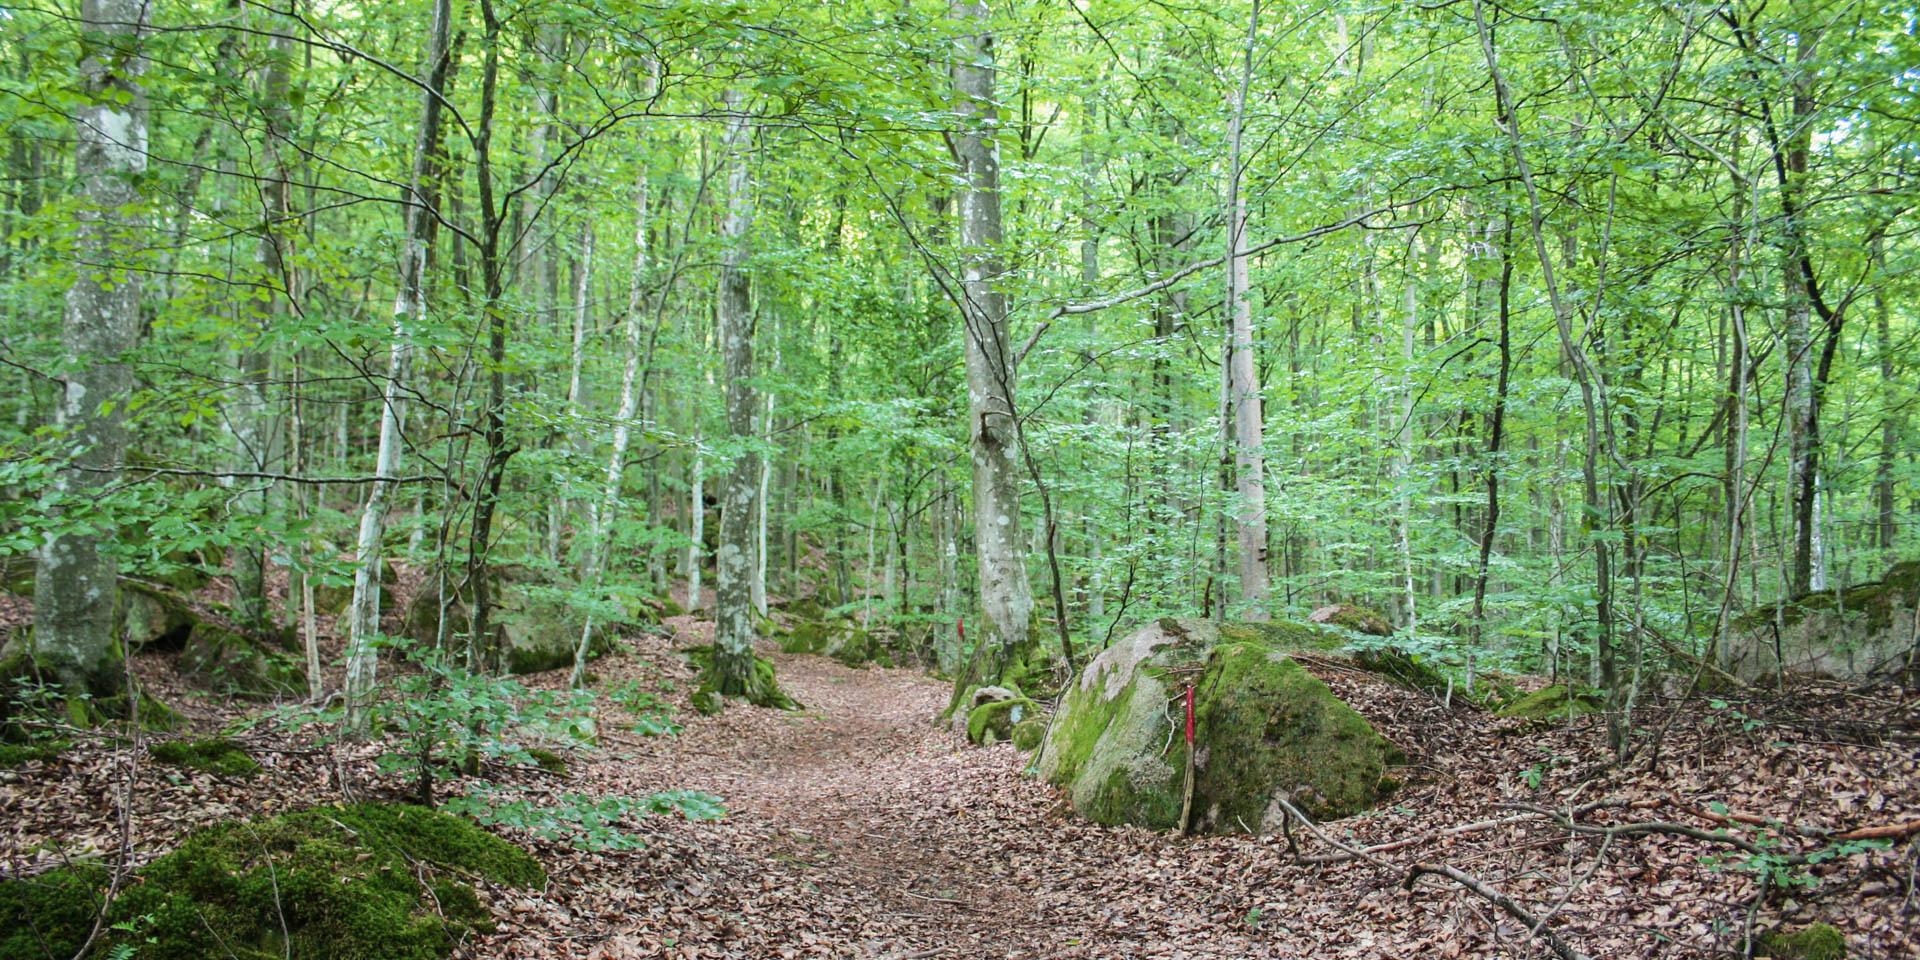 Skinsagylets Naturreservat 2015